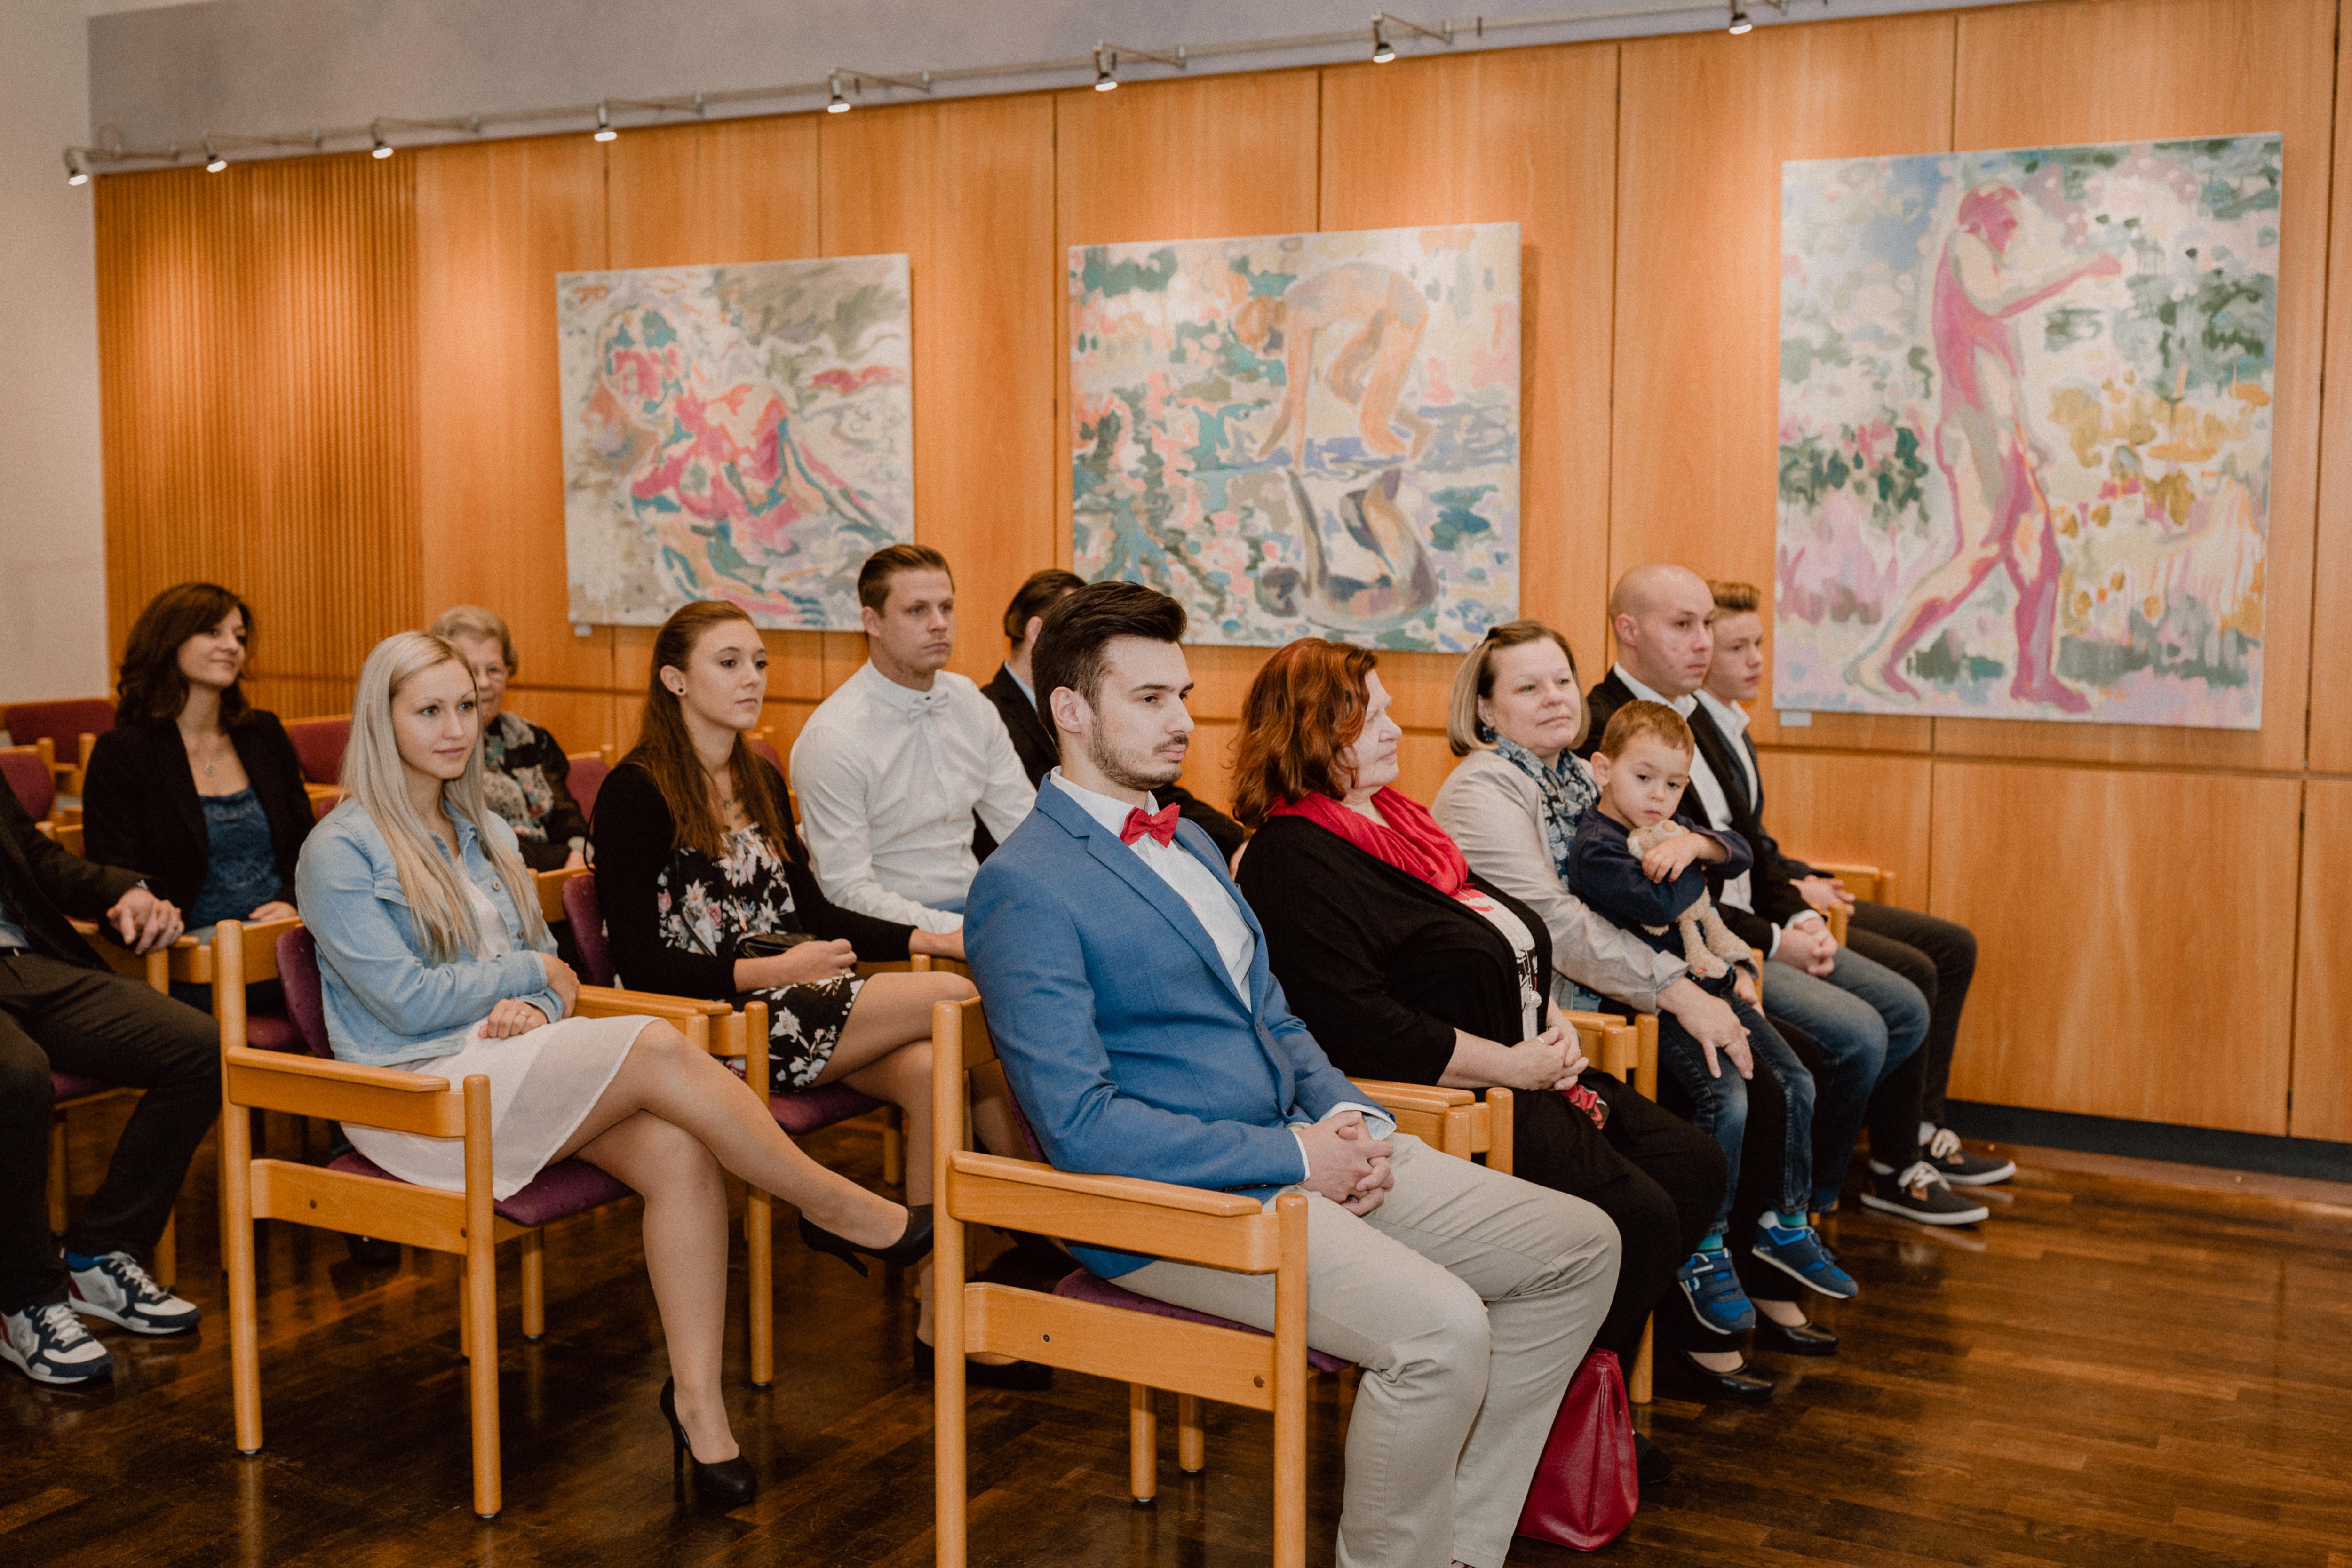 URBANERIE_Daniela_Goth_Hochzeitsfotografin_Nürnberg_Fürth_Erlangen_Schwabach_17907_0067